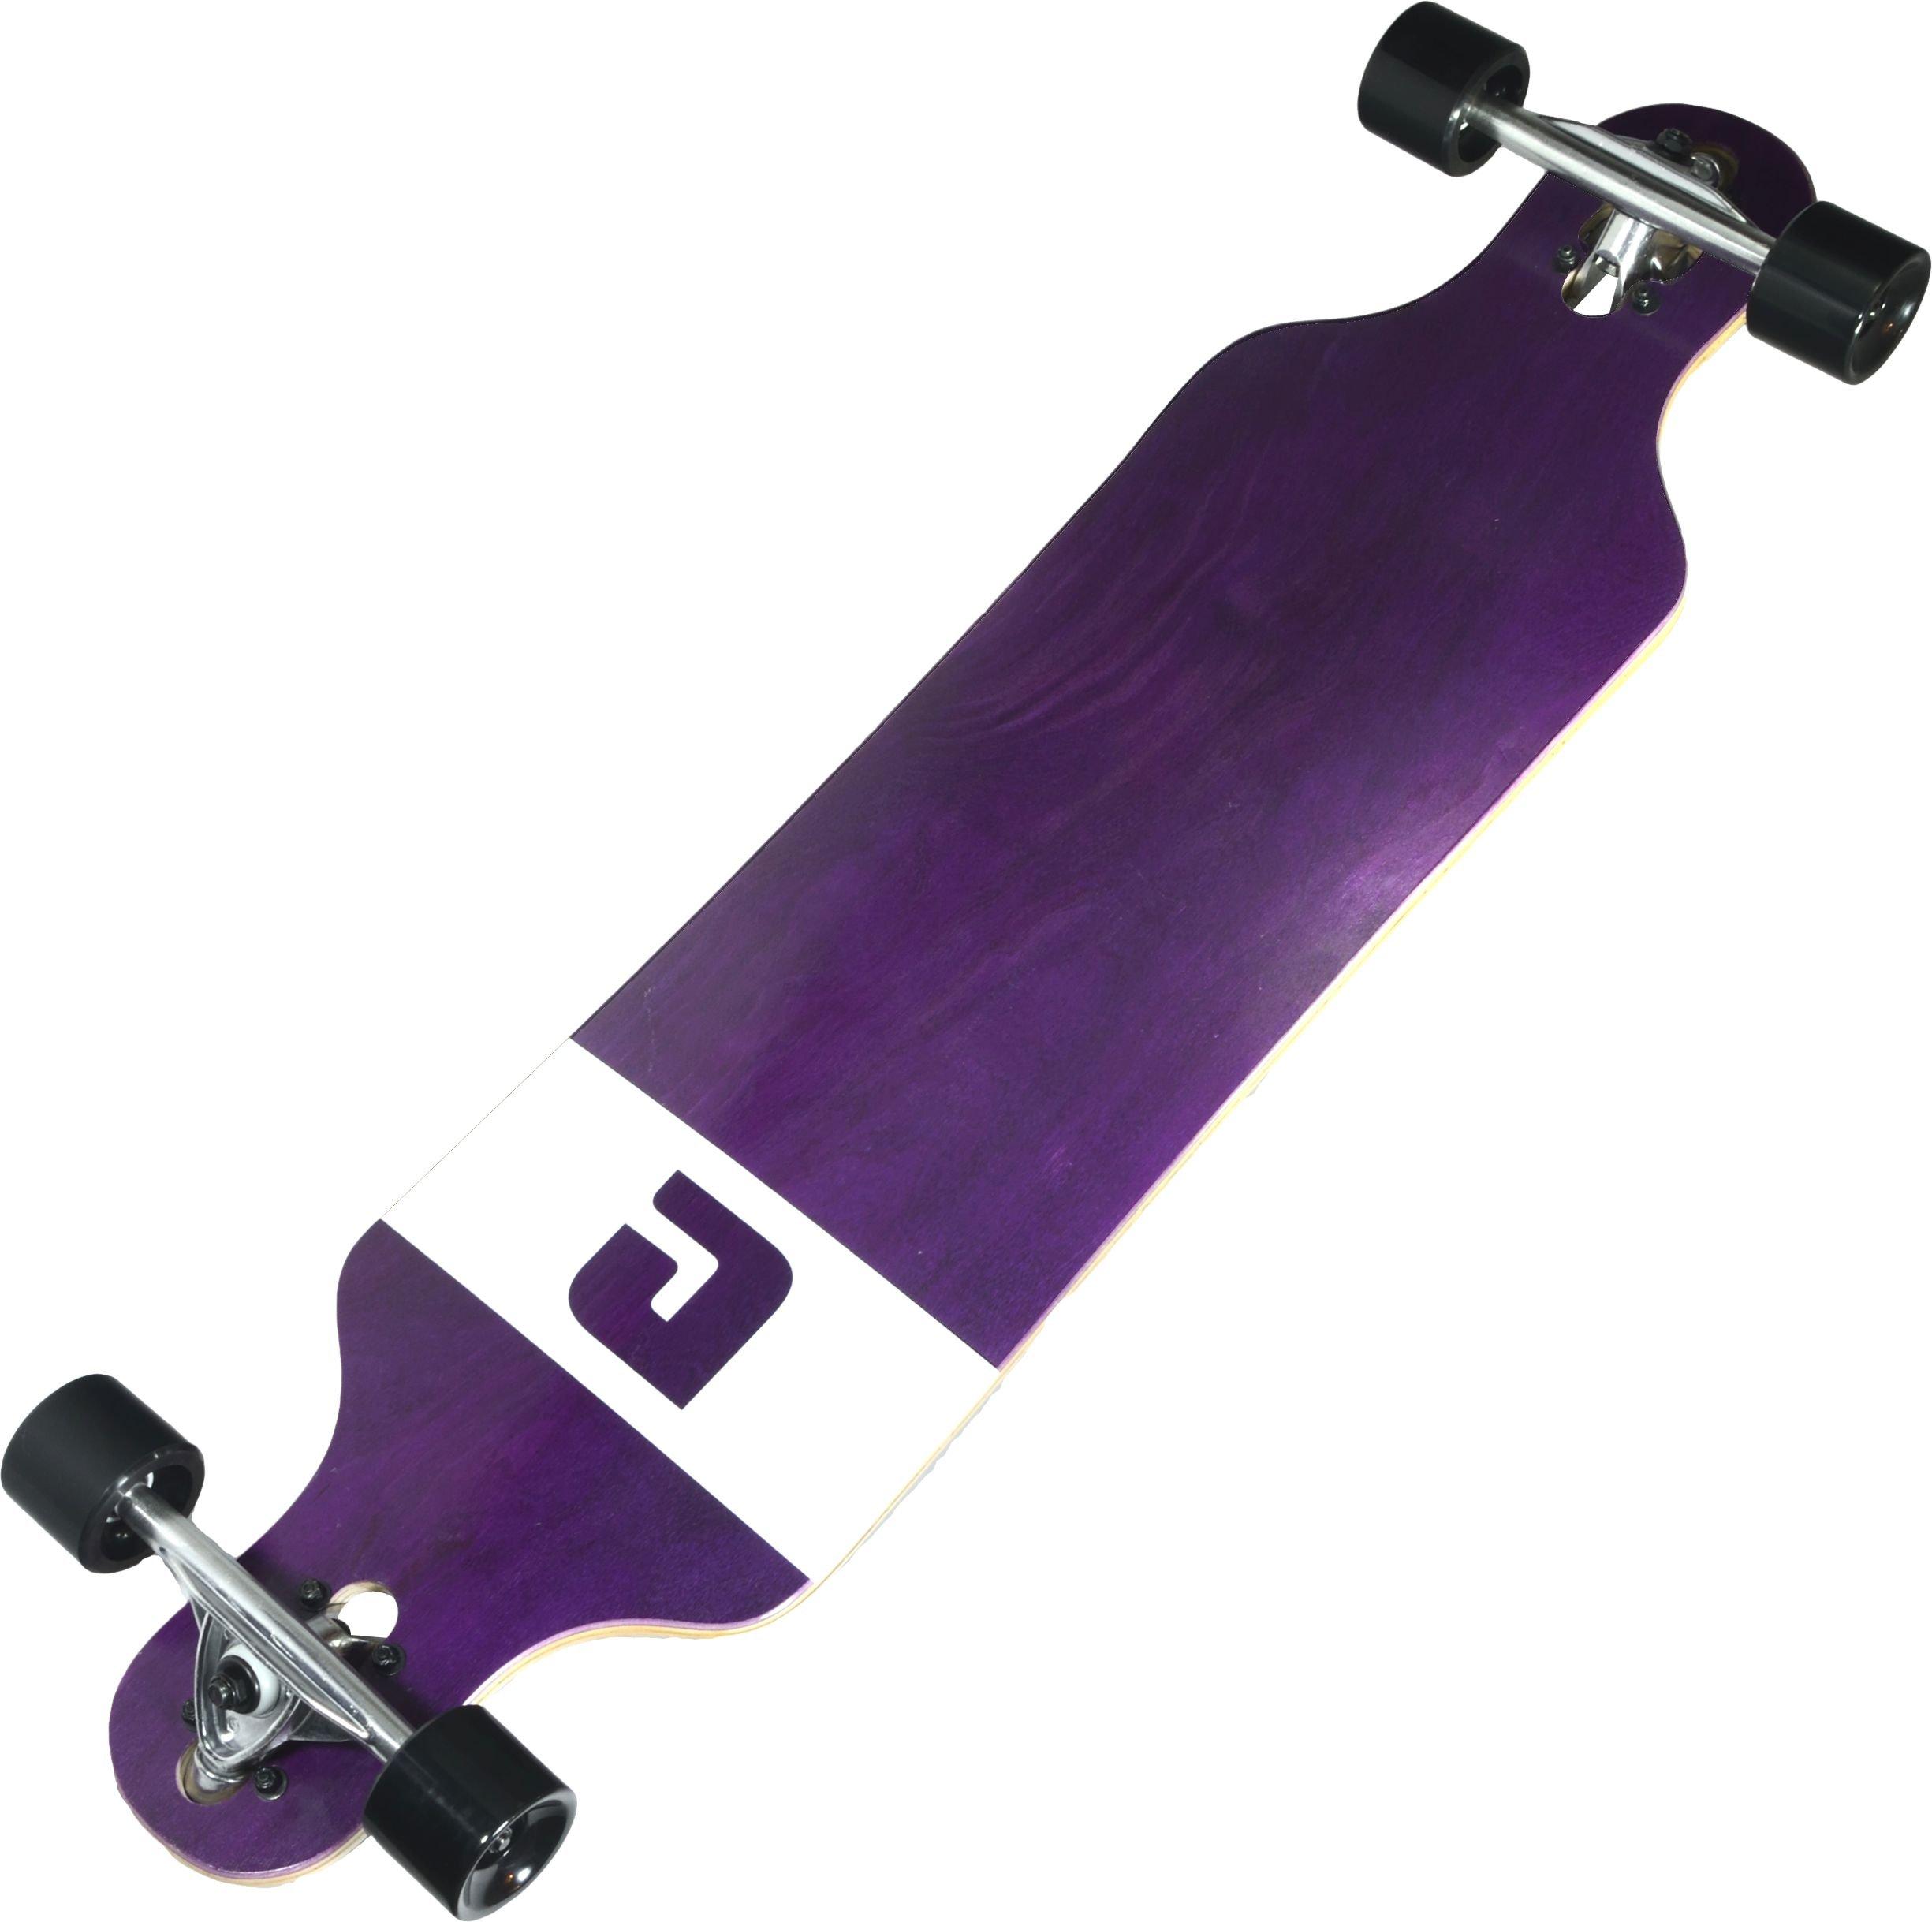 Atom Longboards Atom Drop Through Longboard - 40'', Purple Veneer